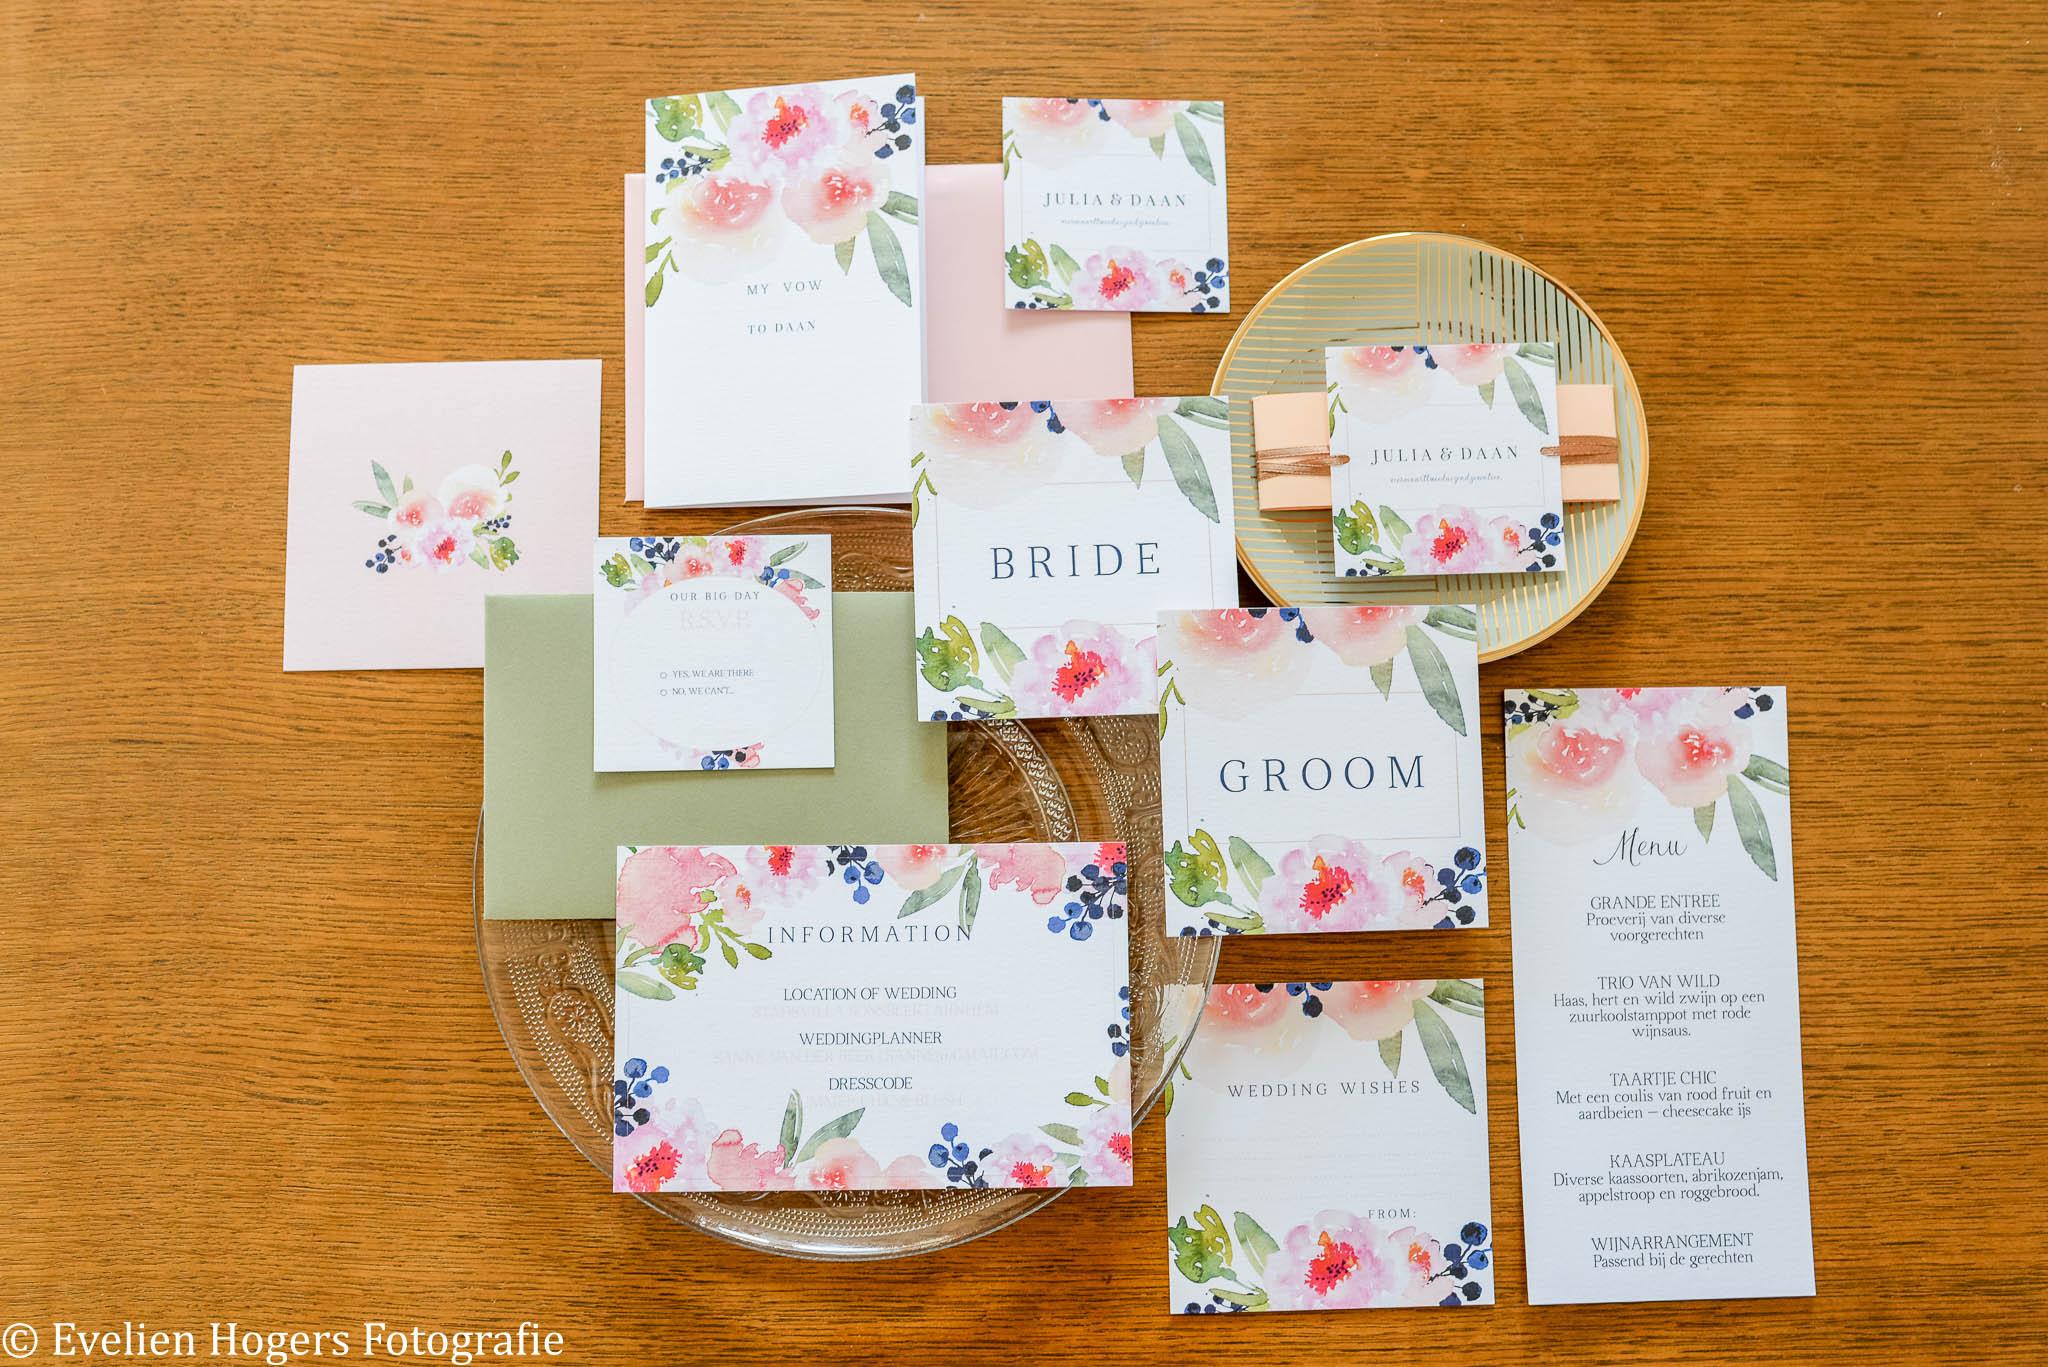 Estate_wedding_Metwatermerk2.jpg